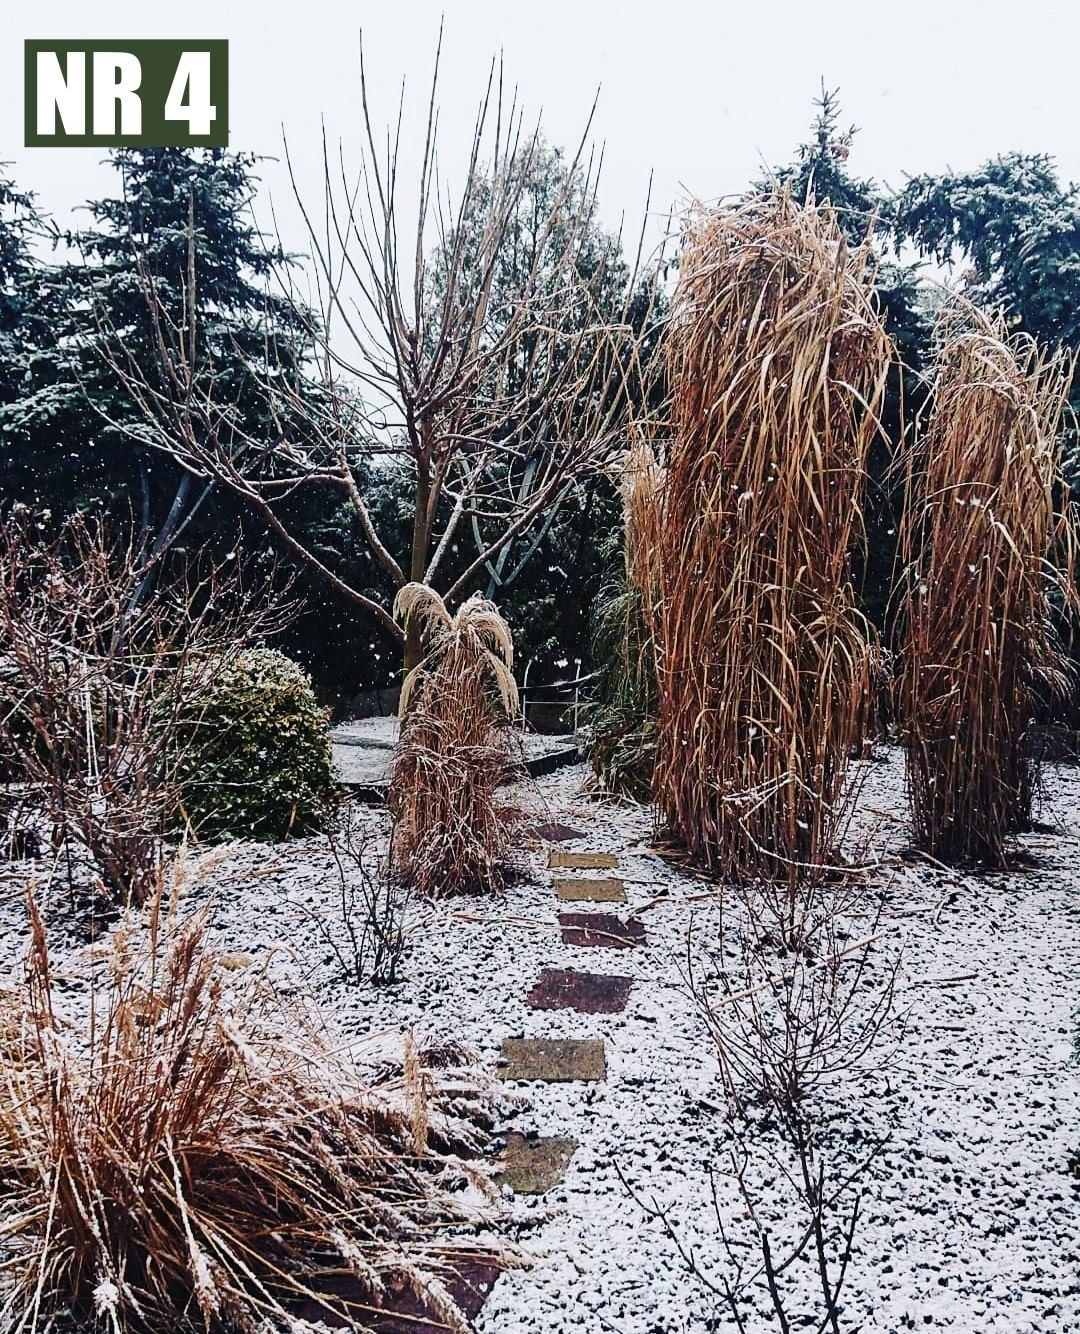 [ZDJĘCIA] Tak wygląda zima na podwórkach mieszkańców powiatu! Wybierz najlepsze zdjęcie - Zdjęcie główne